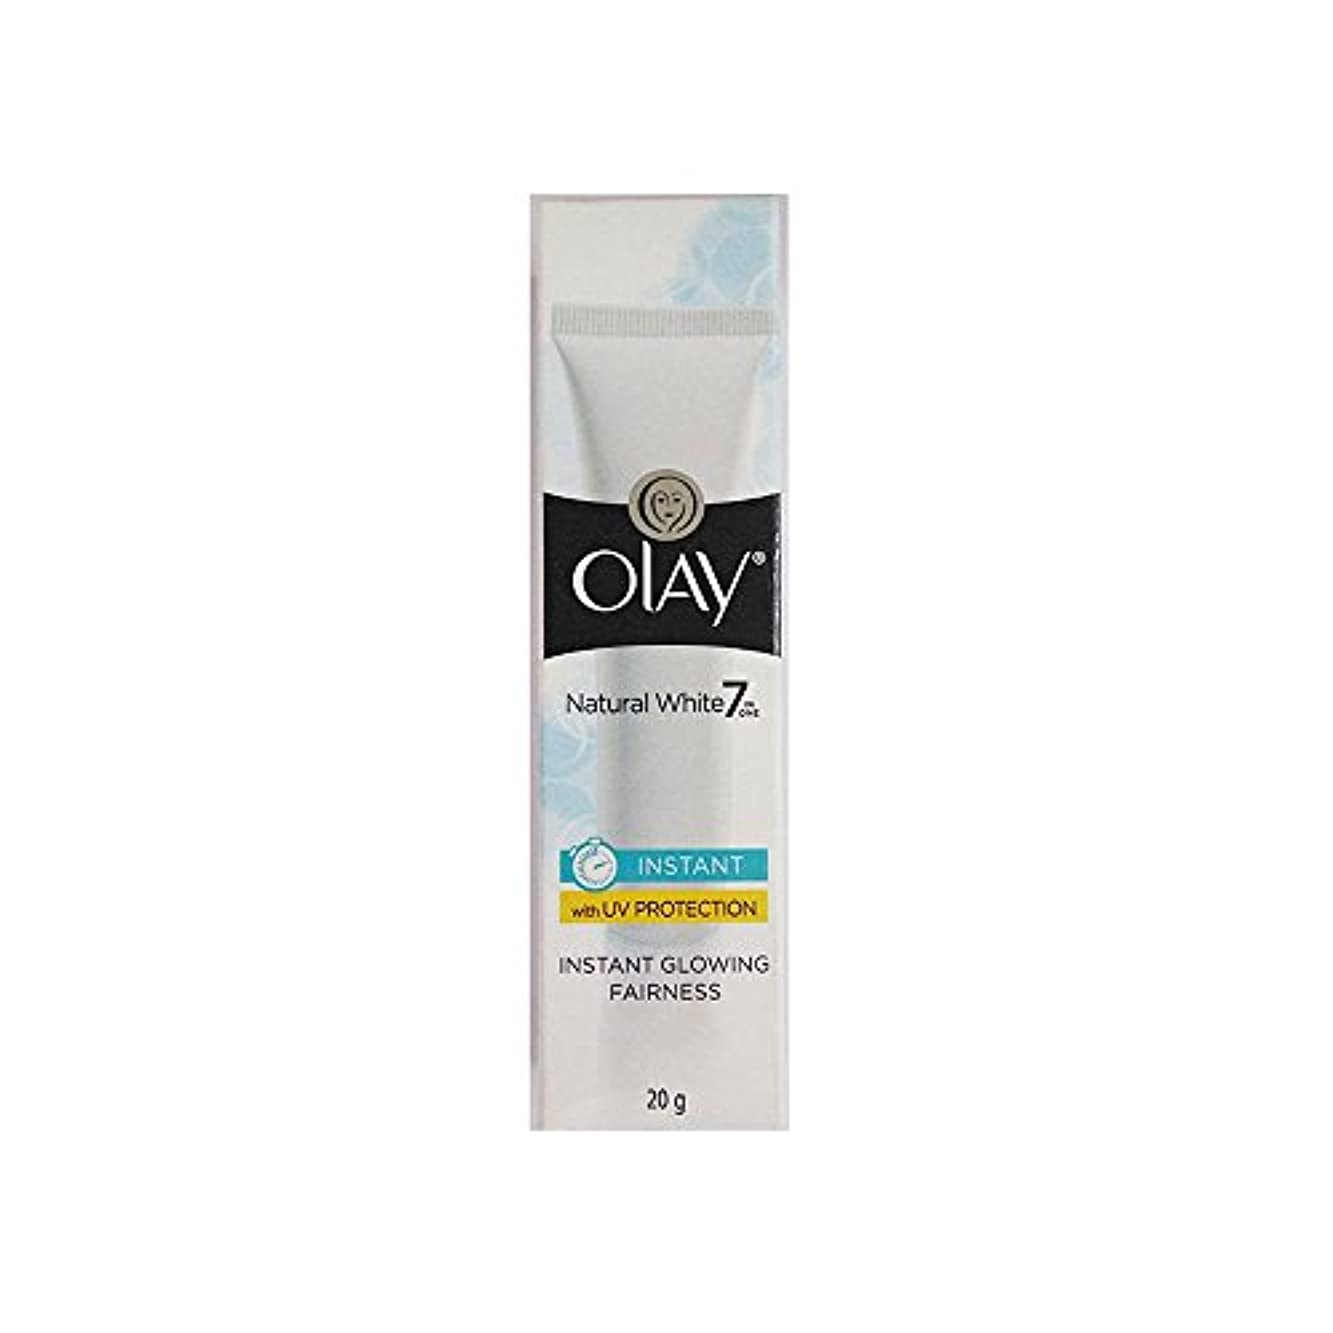 メッセンジャー申請者転倒Olay Natural White Light Instant Glowing Fairness Cream, 20g